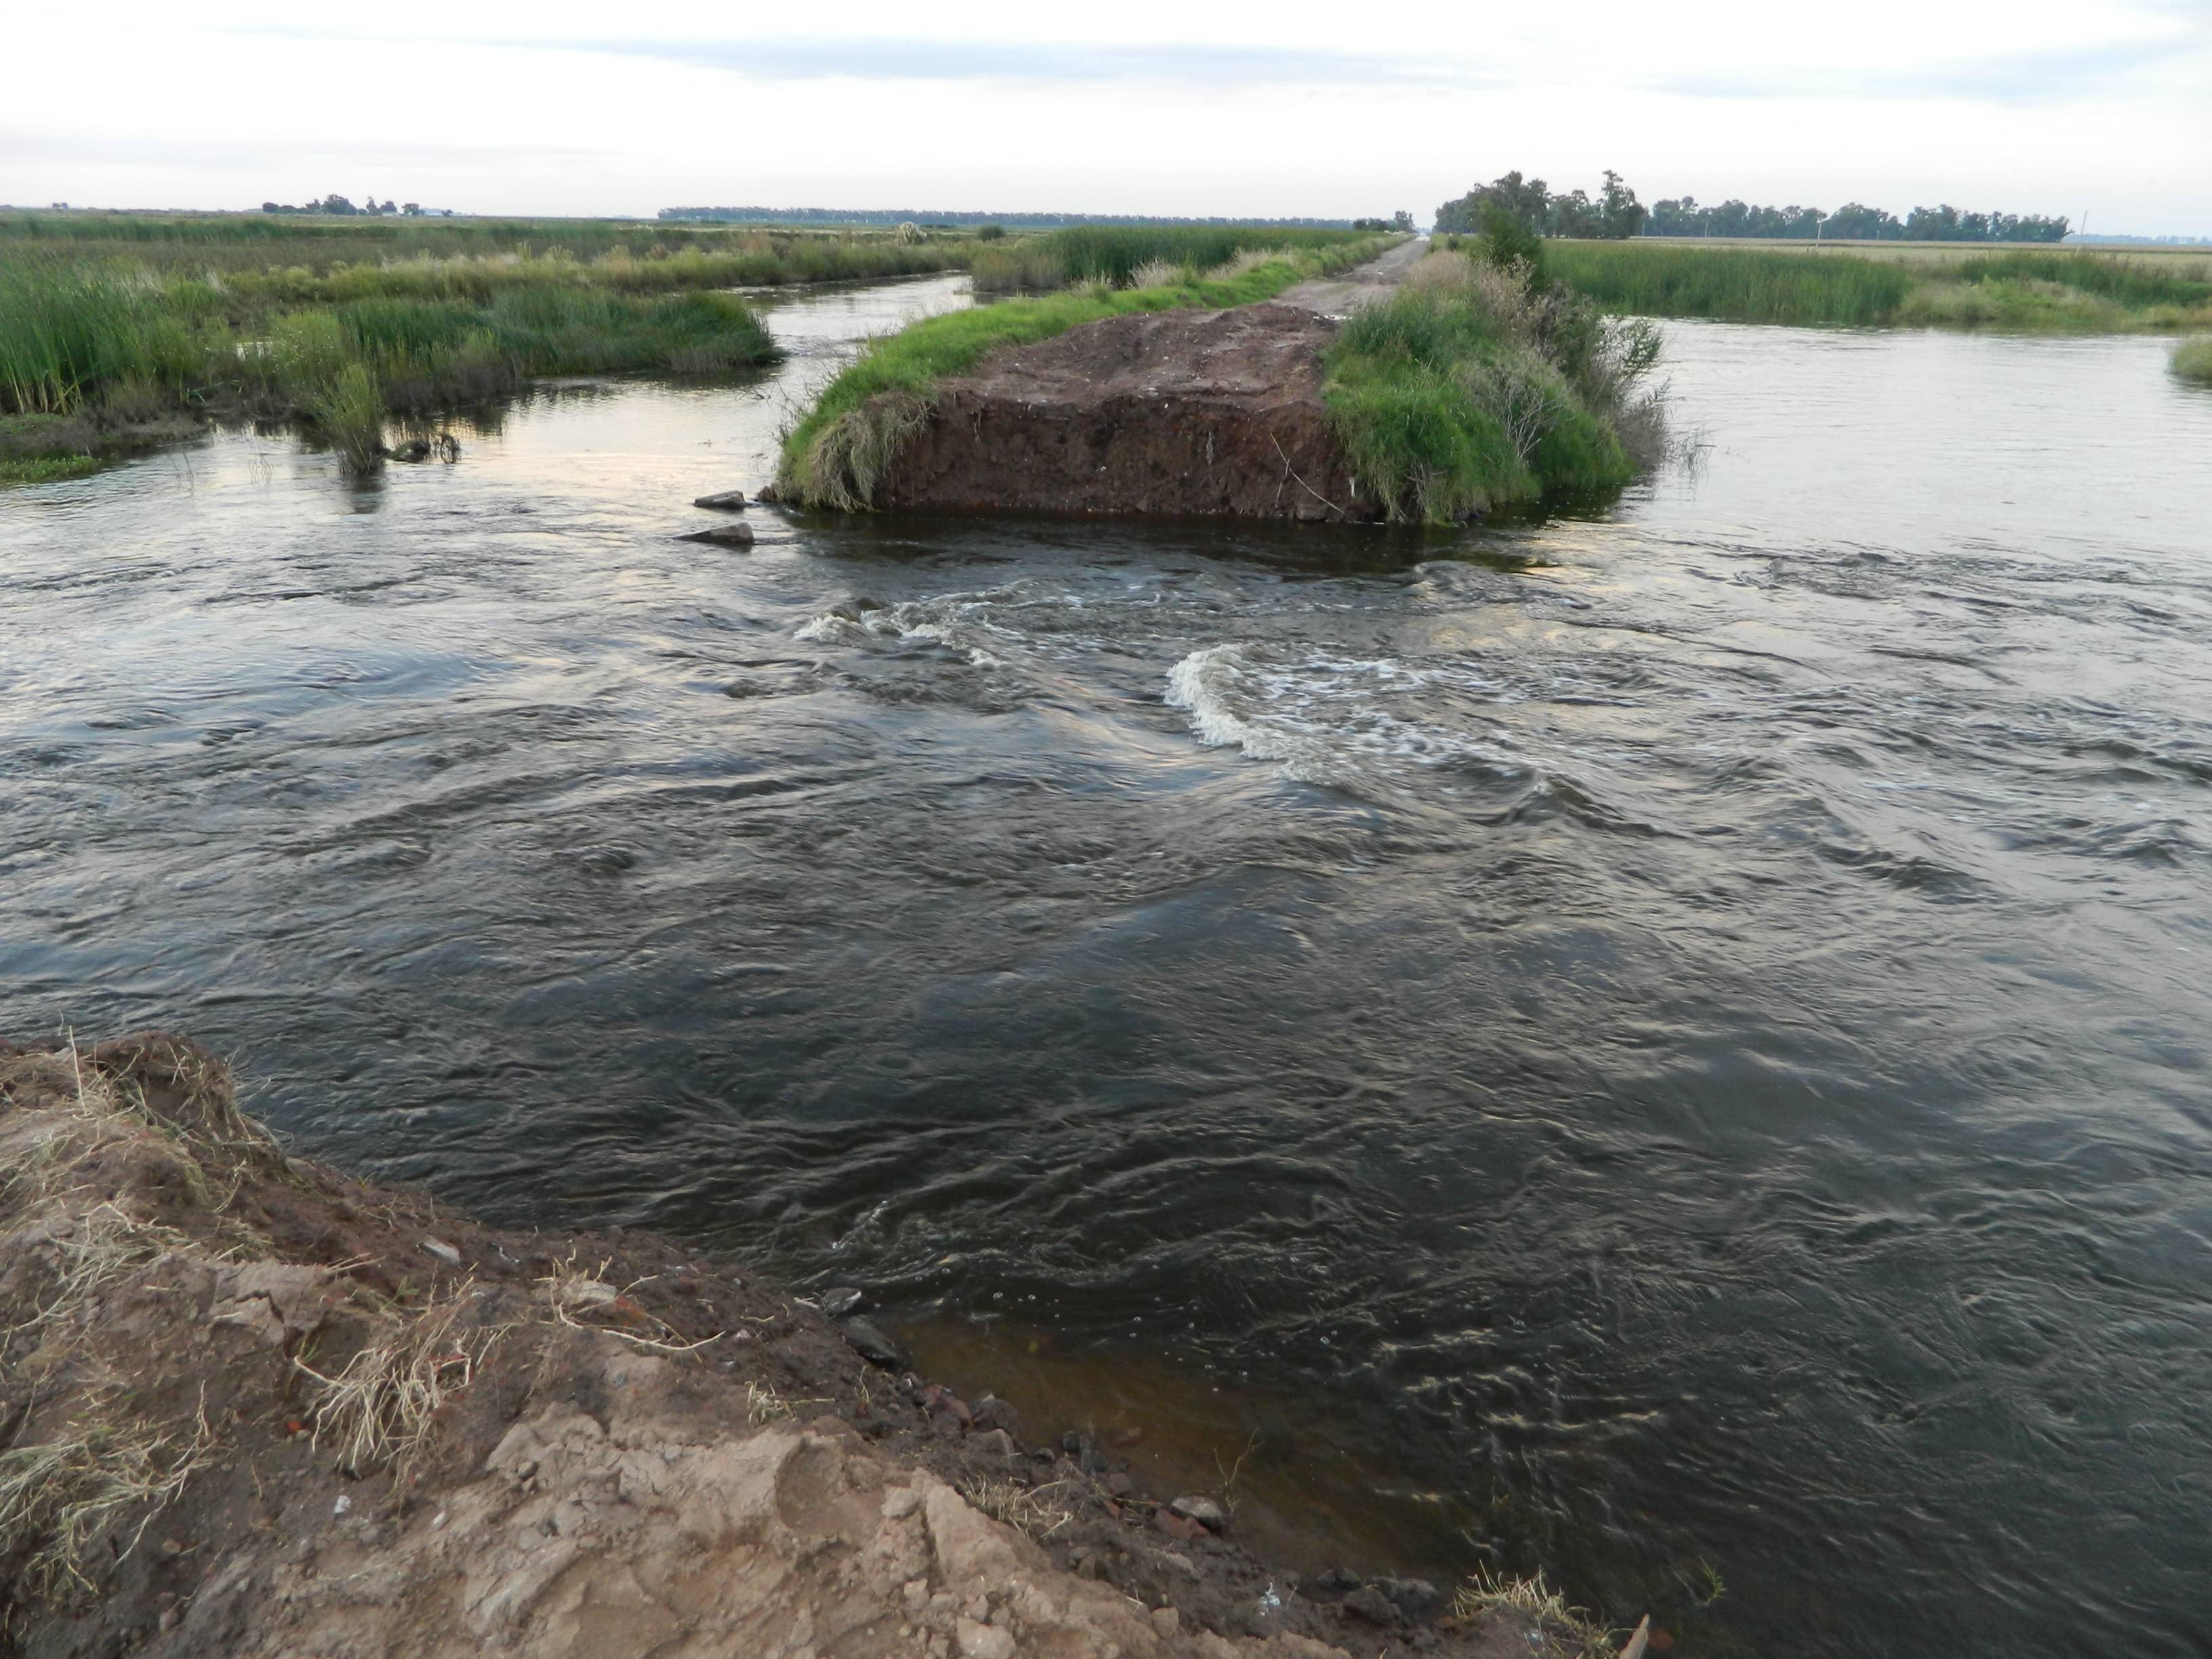 Fernández sobrevuela la región inundada